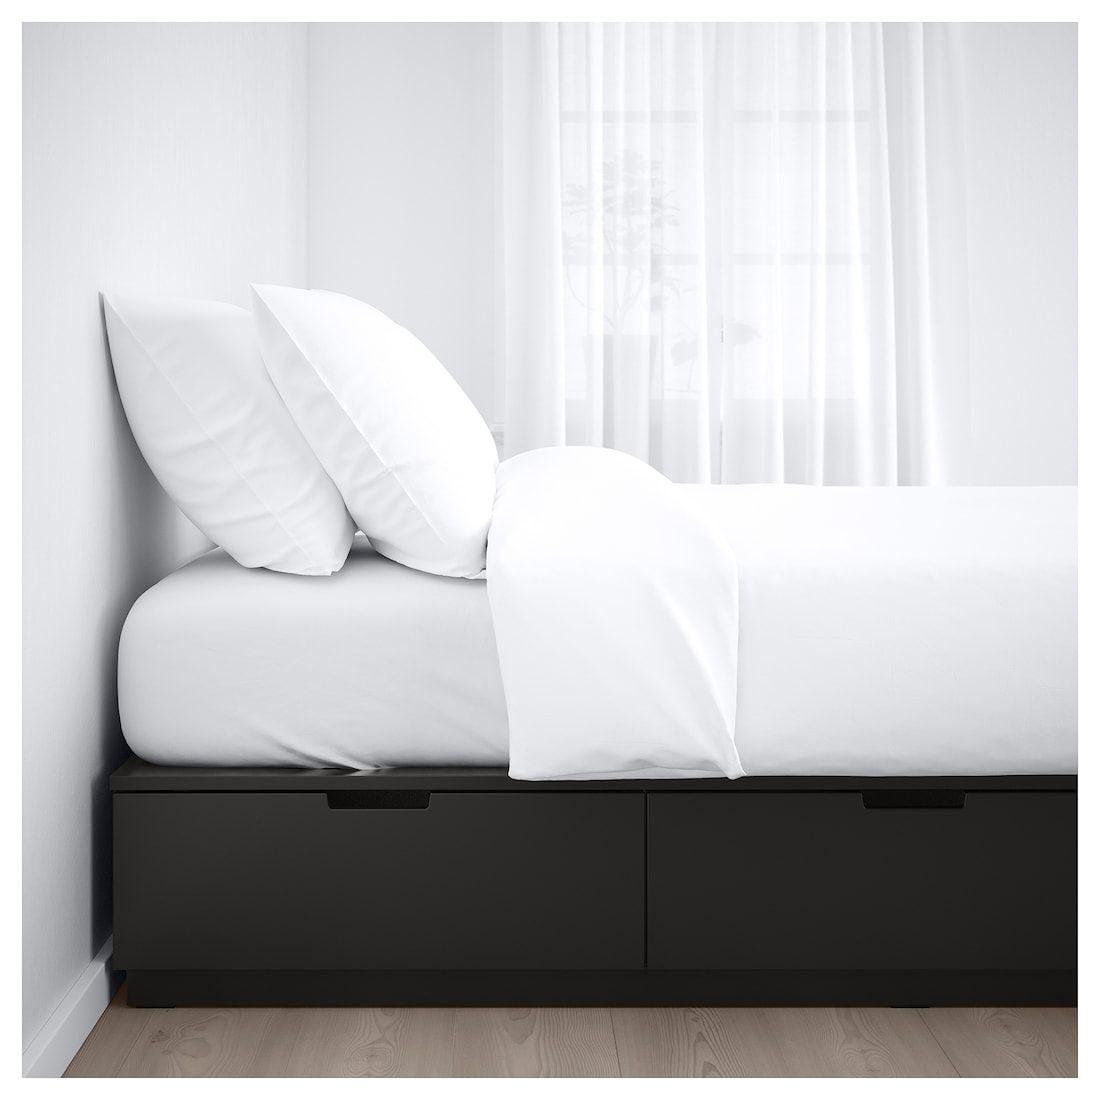 Nordli Bettgestell Mit Schubladen Anthrazit Ikea Deutschland Bettgestell Ikea Bett Bett Lagerung